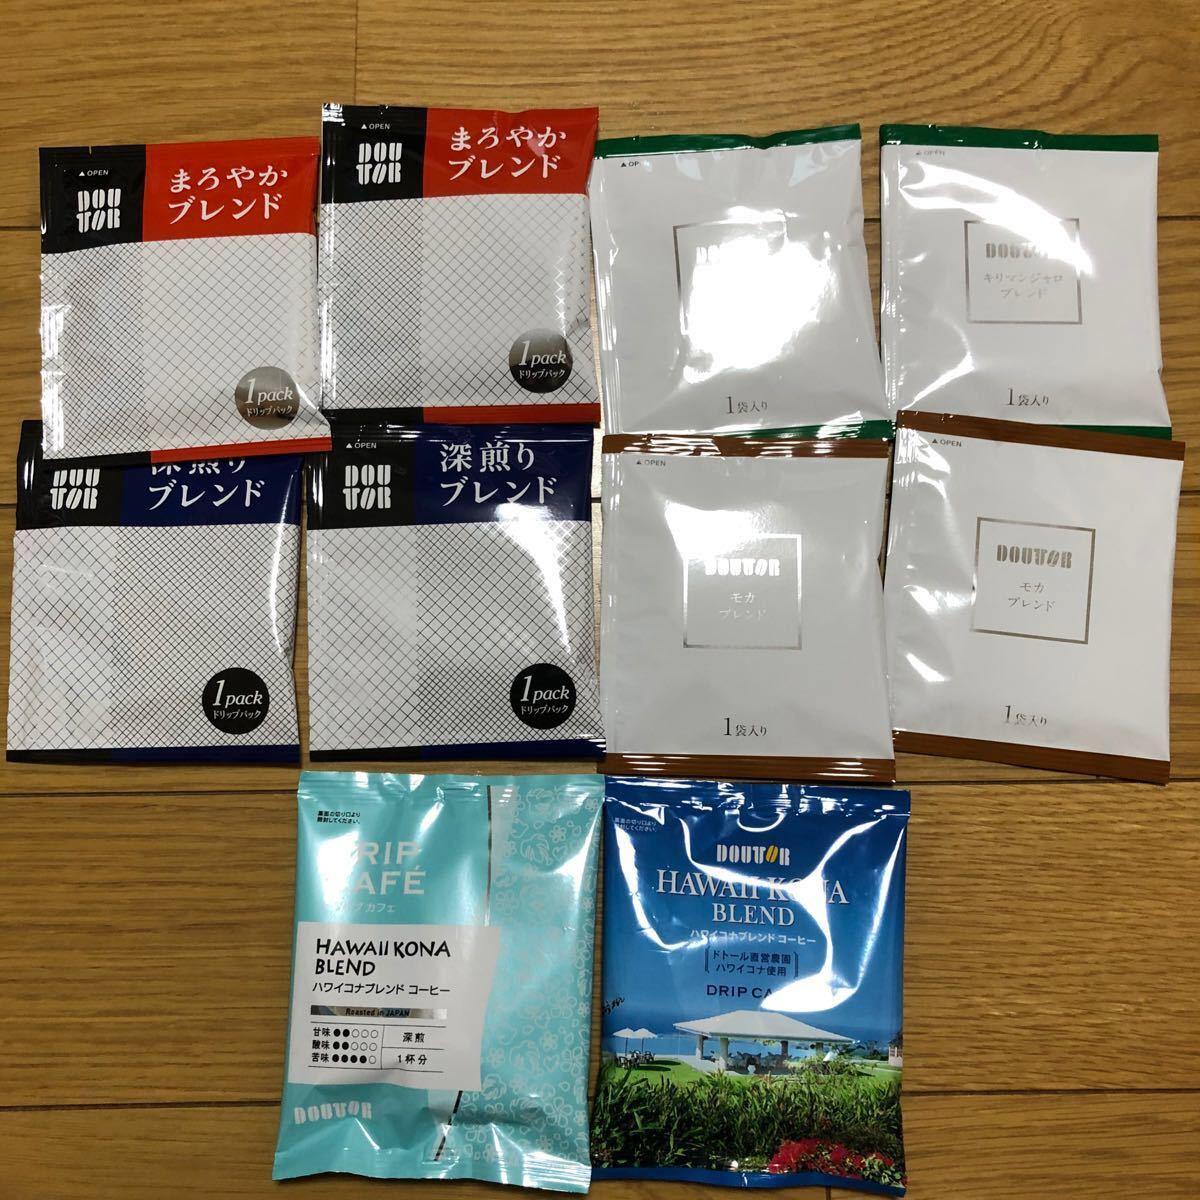 ドトールコーヒー ドリップコーヒー 10袋セット